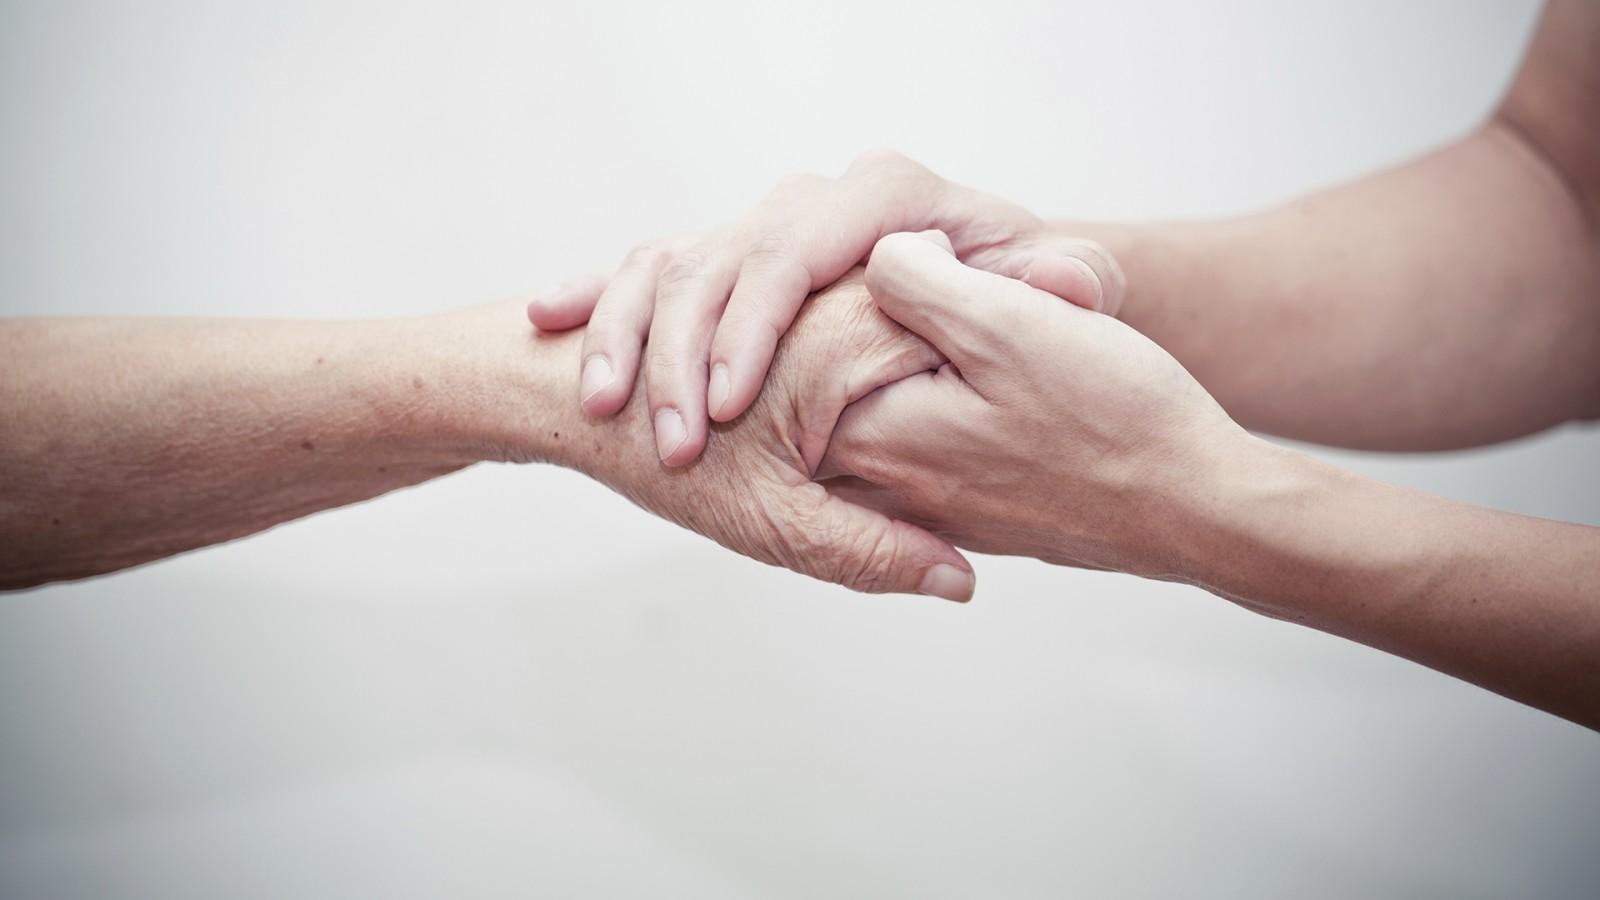 Progetto Kübler Ross: relazione d'aiuto terapeutico